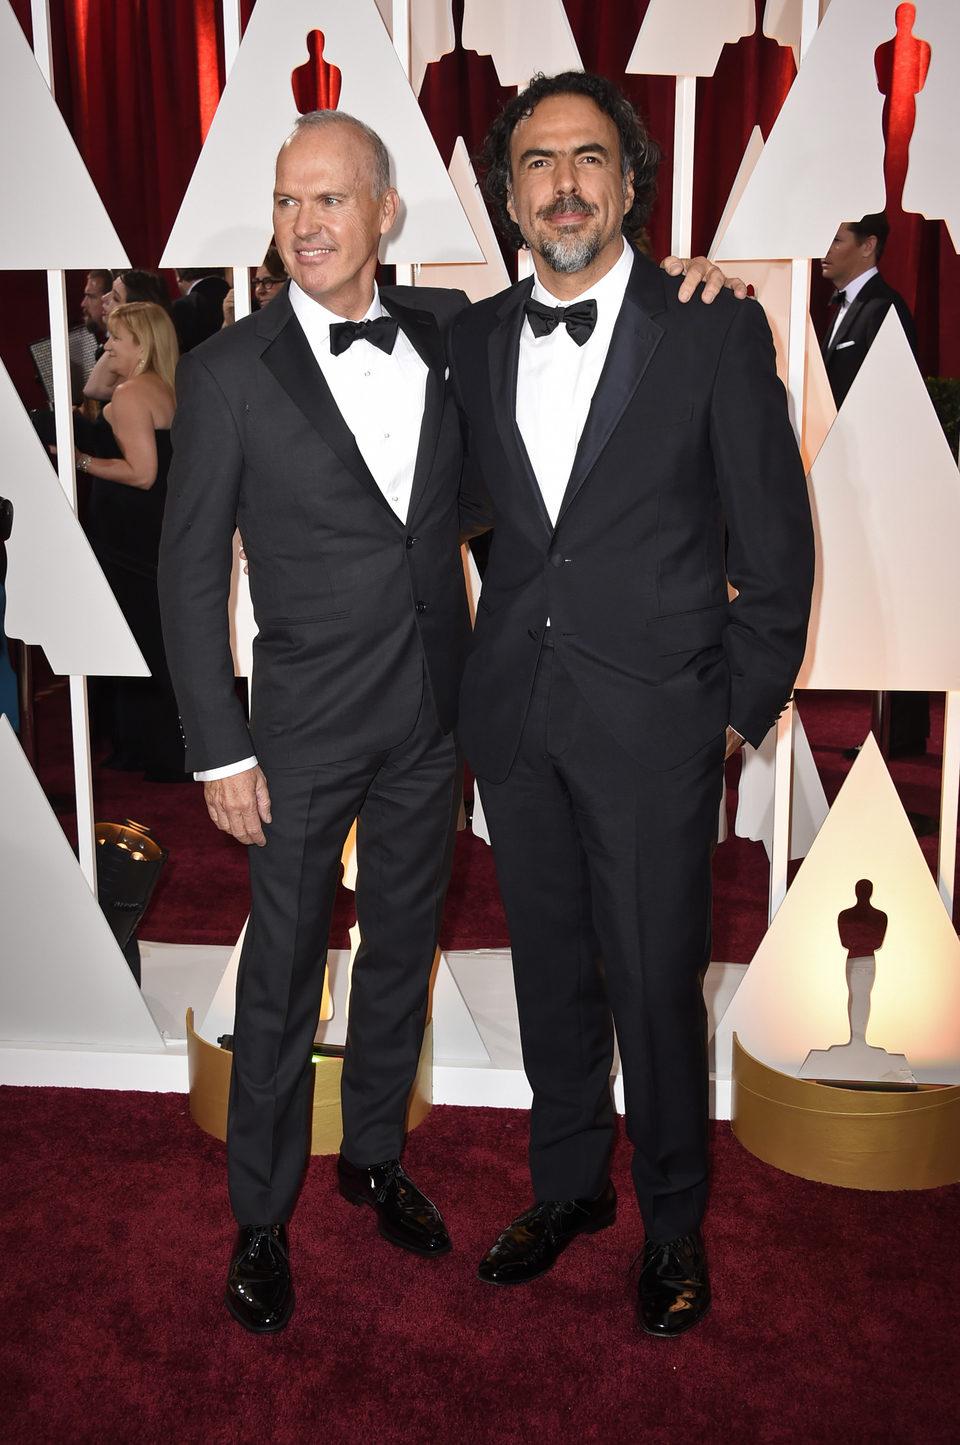 Michael Keaton and Alejandro González Iñárritu in the Oscar 2015 red carpet